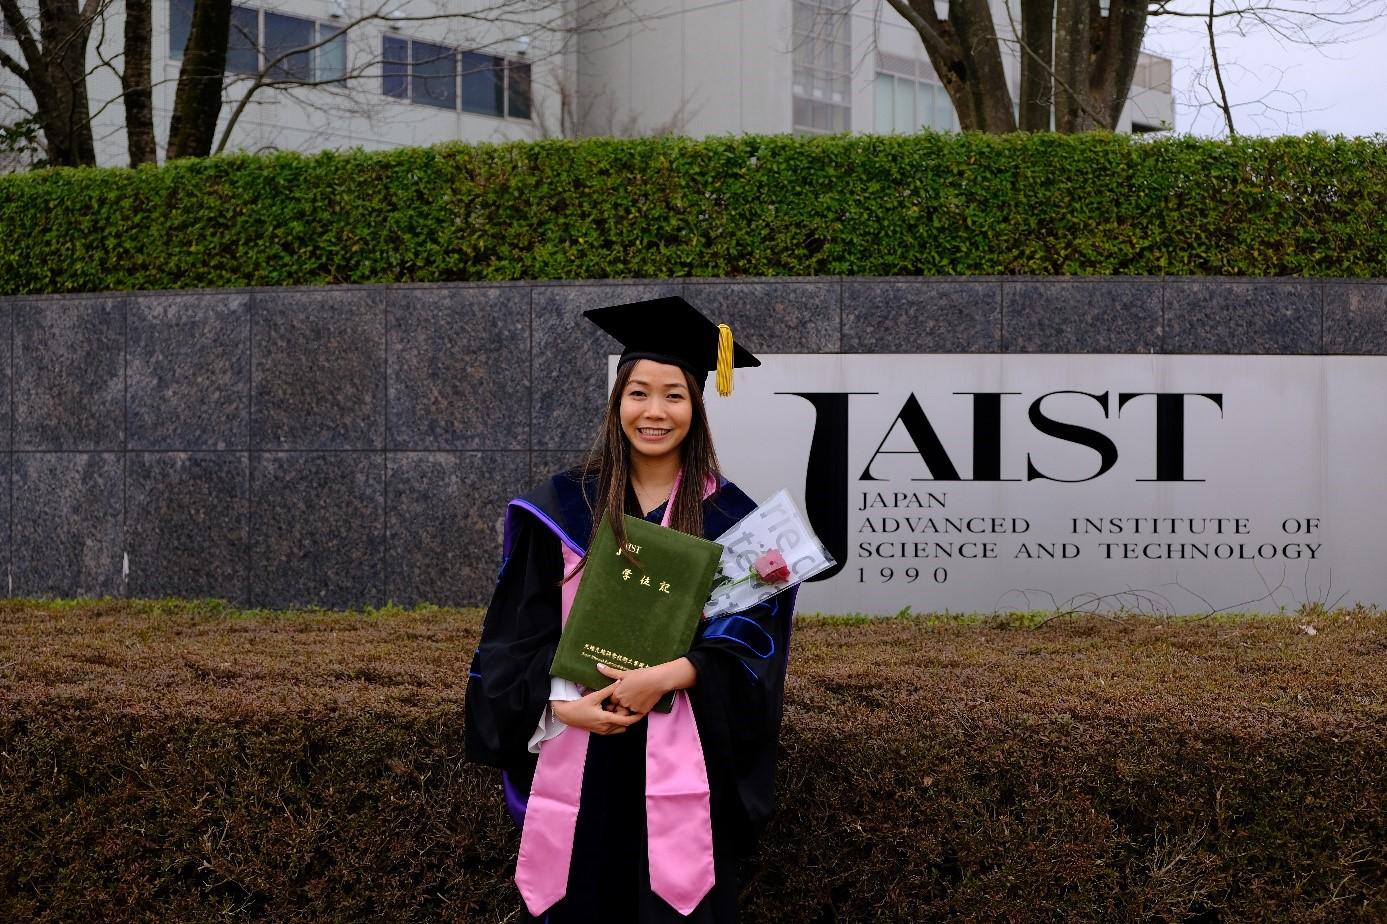 Học viện Nông nghiệp Việt Nam gia hạn xét tuyển đại học, ngành này được chú ý - Ảnh 2.